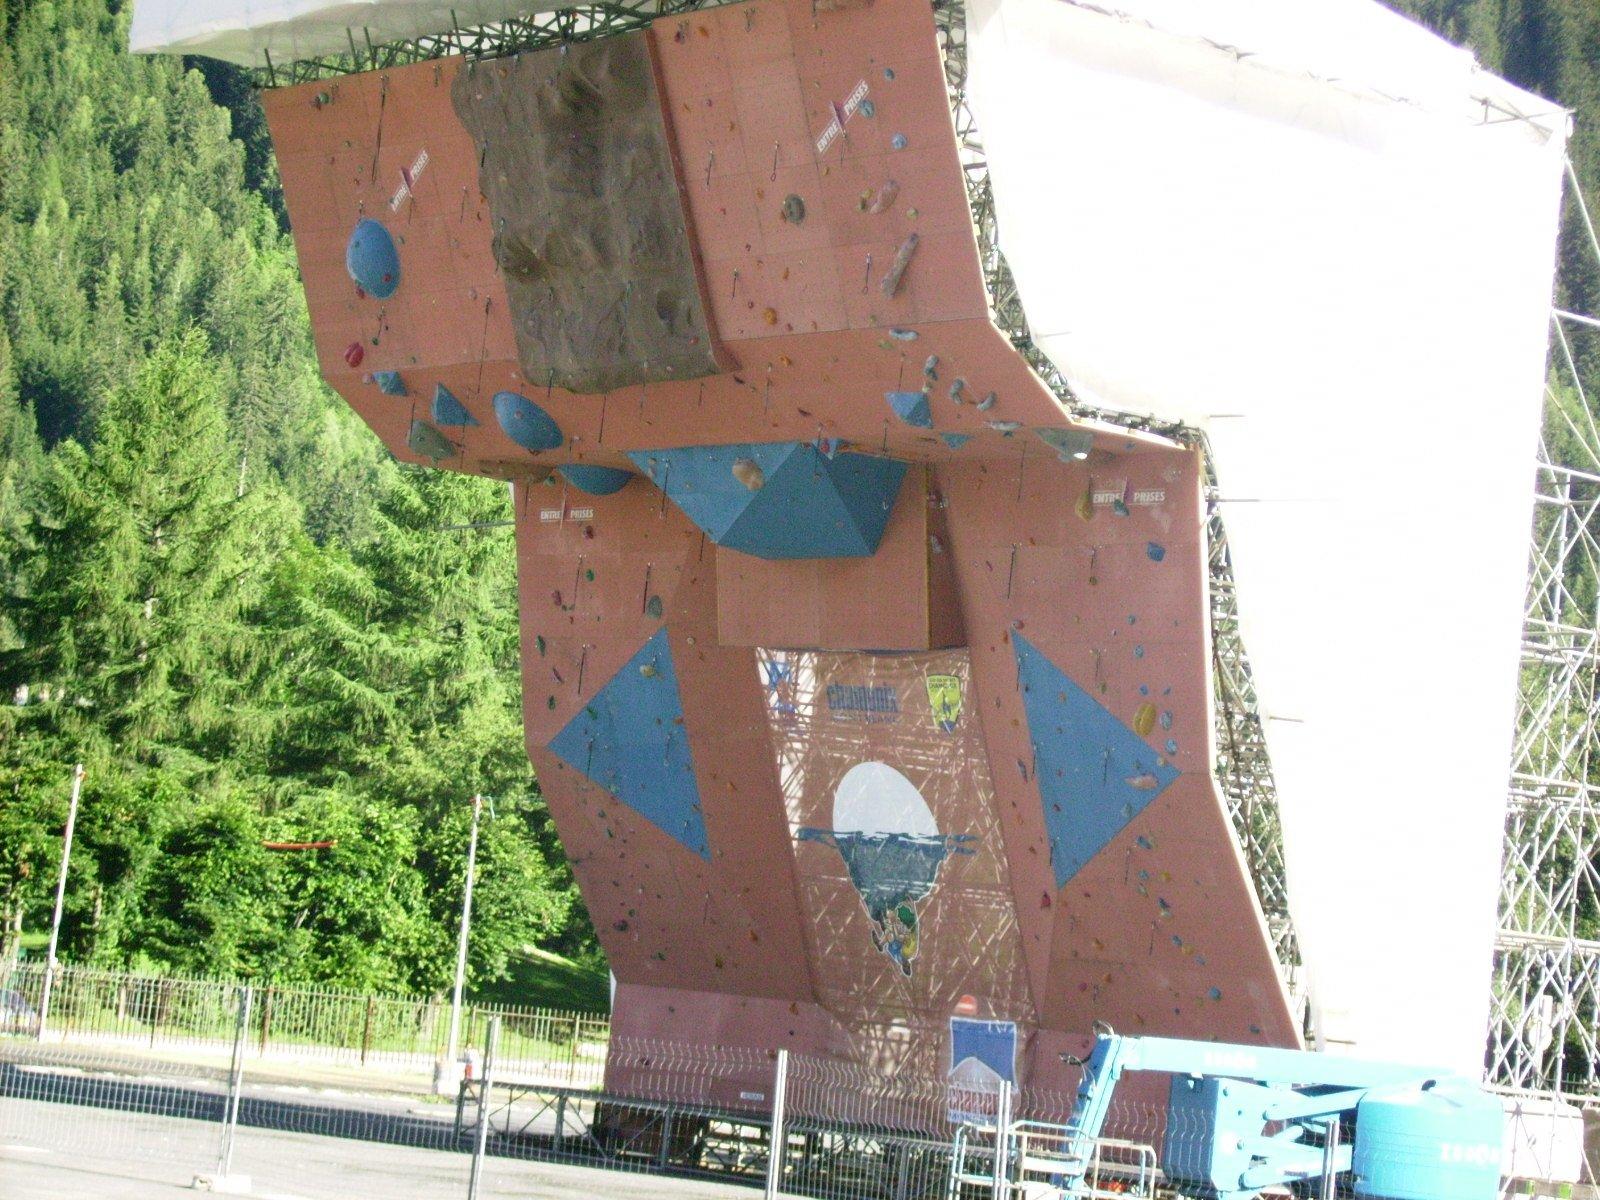 Mur des CHAMPIONNATS DE FRANCE CHAMONIX dans Championnats de FRANCE chamo2